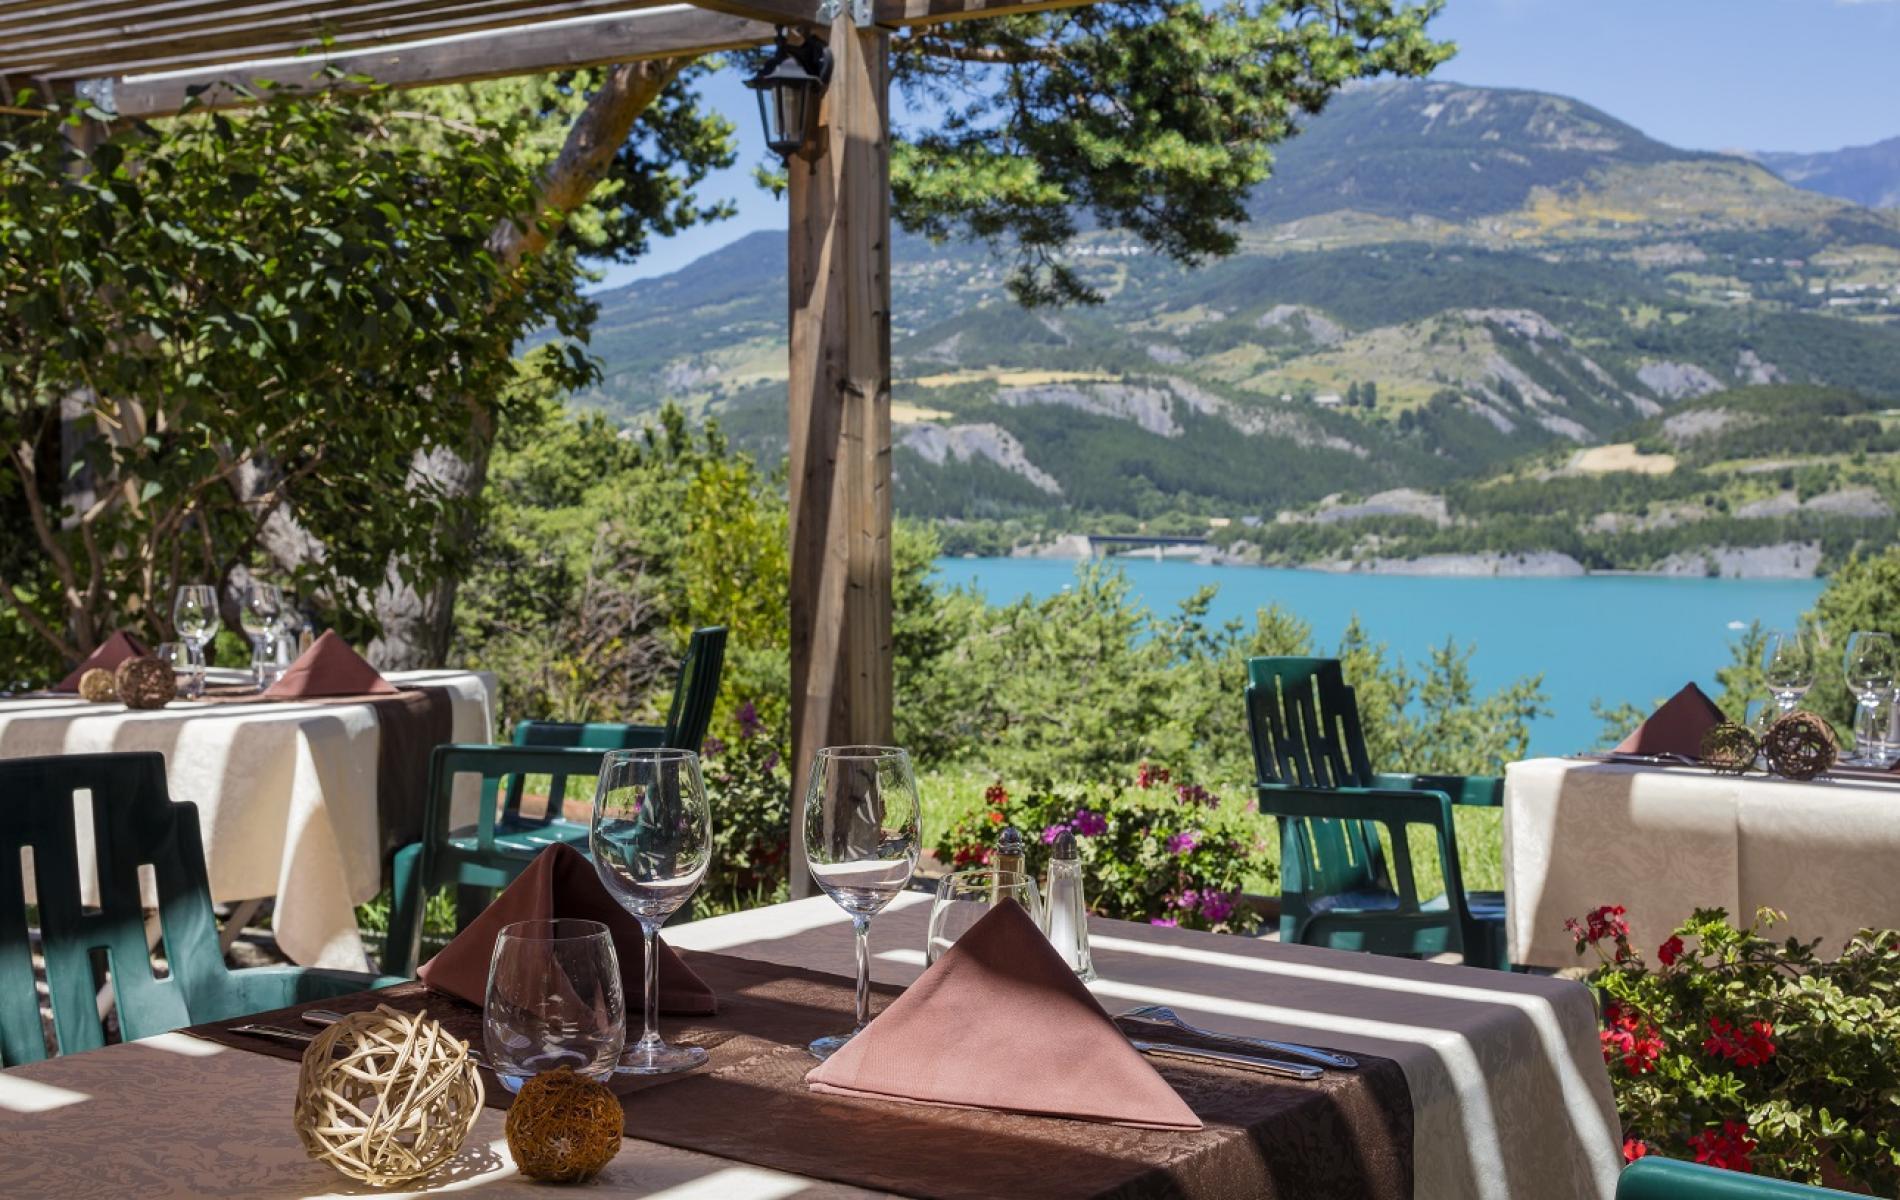 Hotel**Eden Lac Logis - Pergola